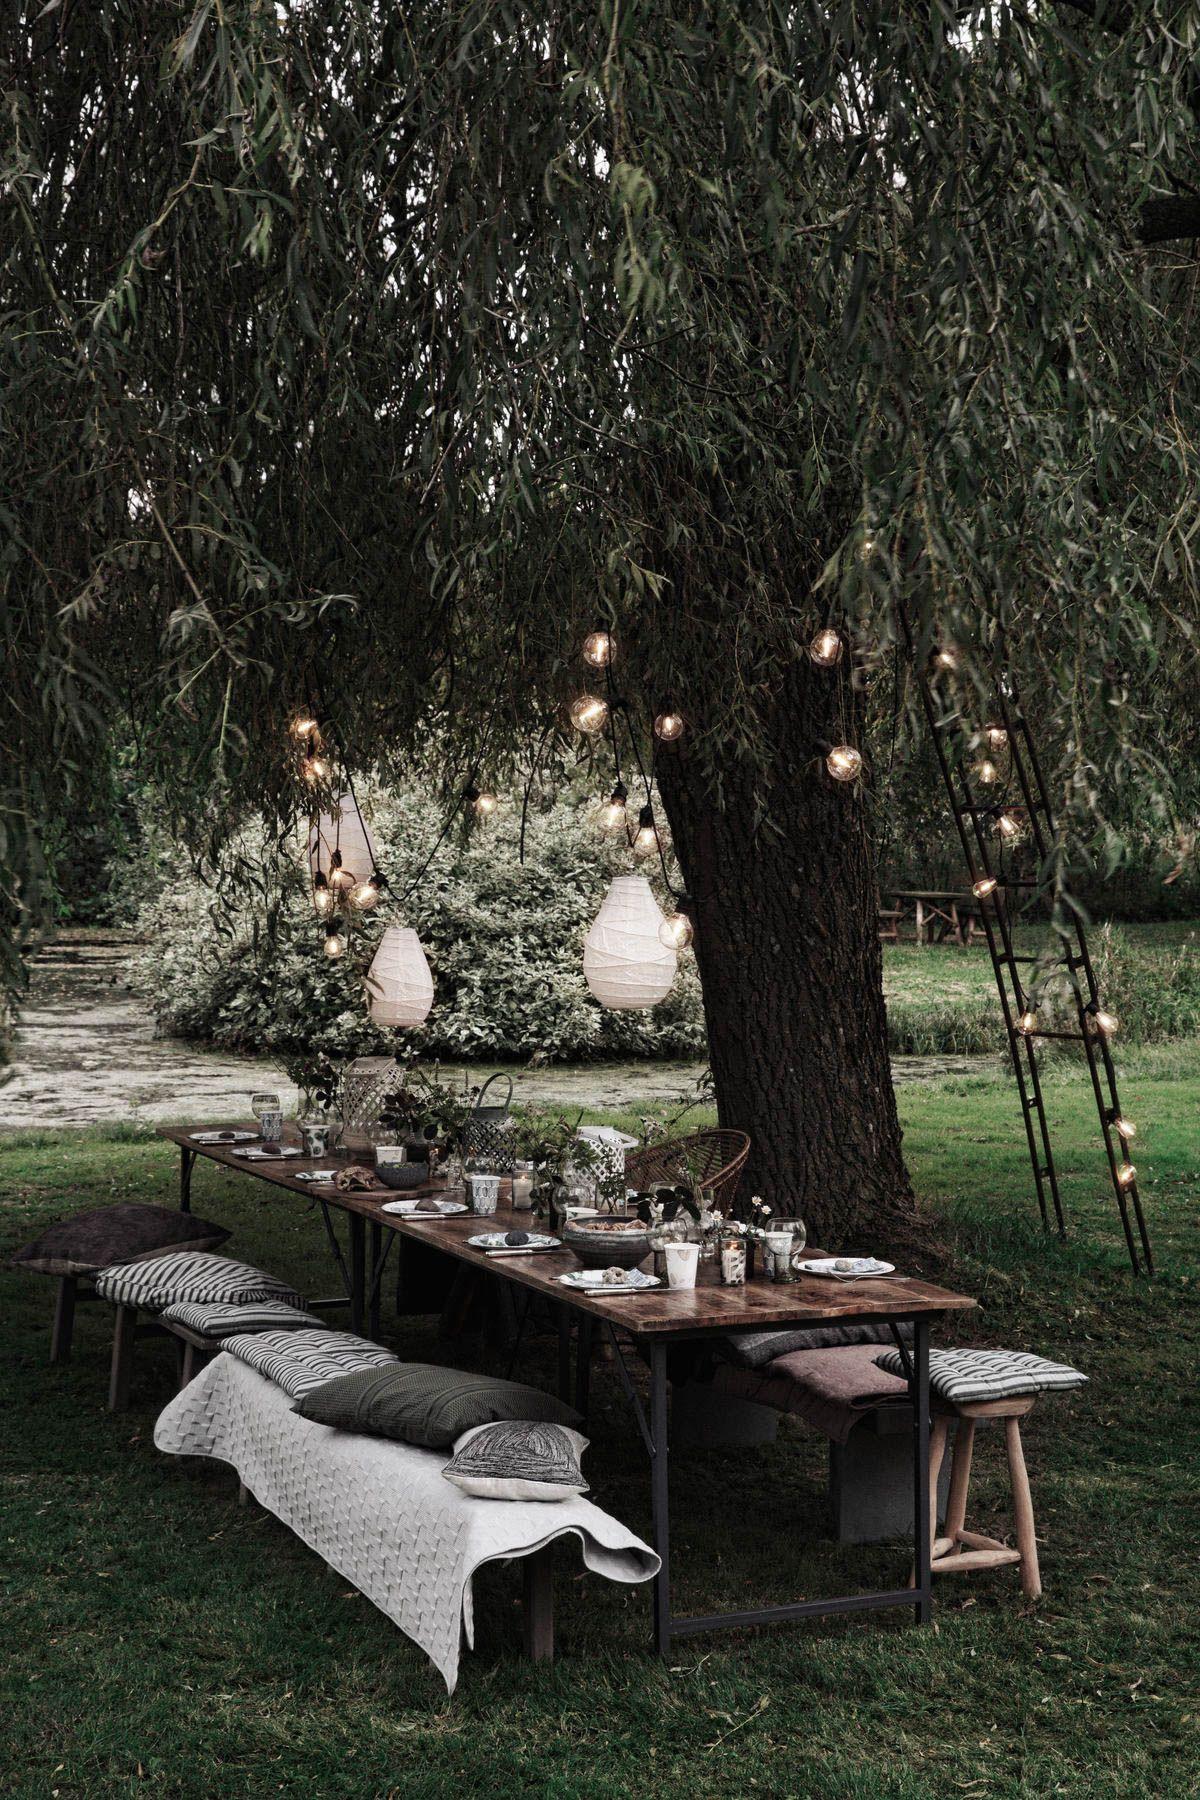 Lichtideen Fur Die Sommerterrasse Die Sommerliche Gartenparty In 2020 Aussenbeleuchtung Lichtideen Gartenparty